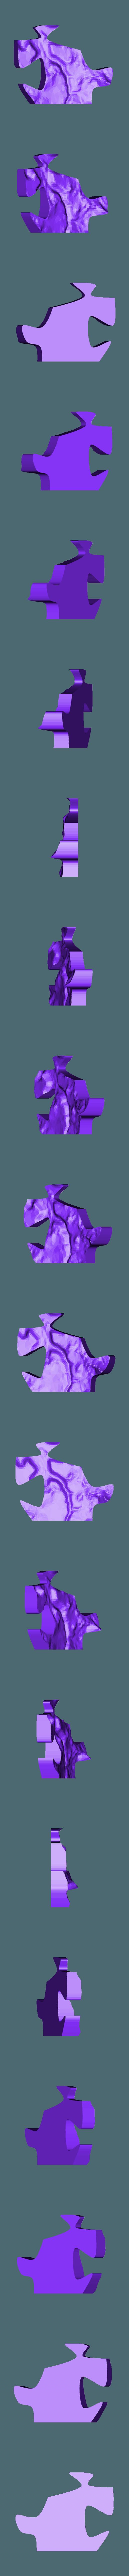 47.stl Télécharger fichier STL gratuit Echelle épique - Terrain - Zion NP • Objet à imprimer en 3D, TCP491016